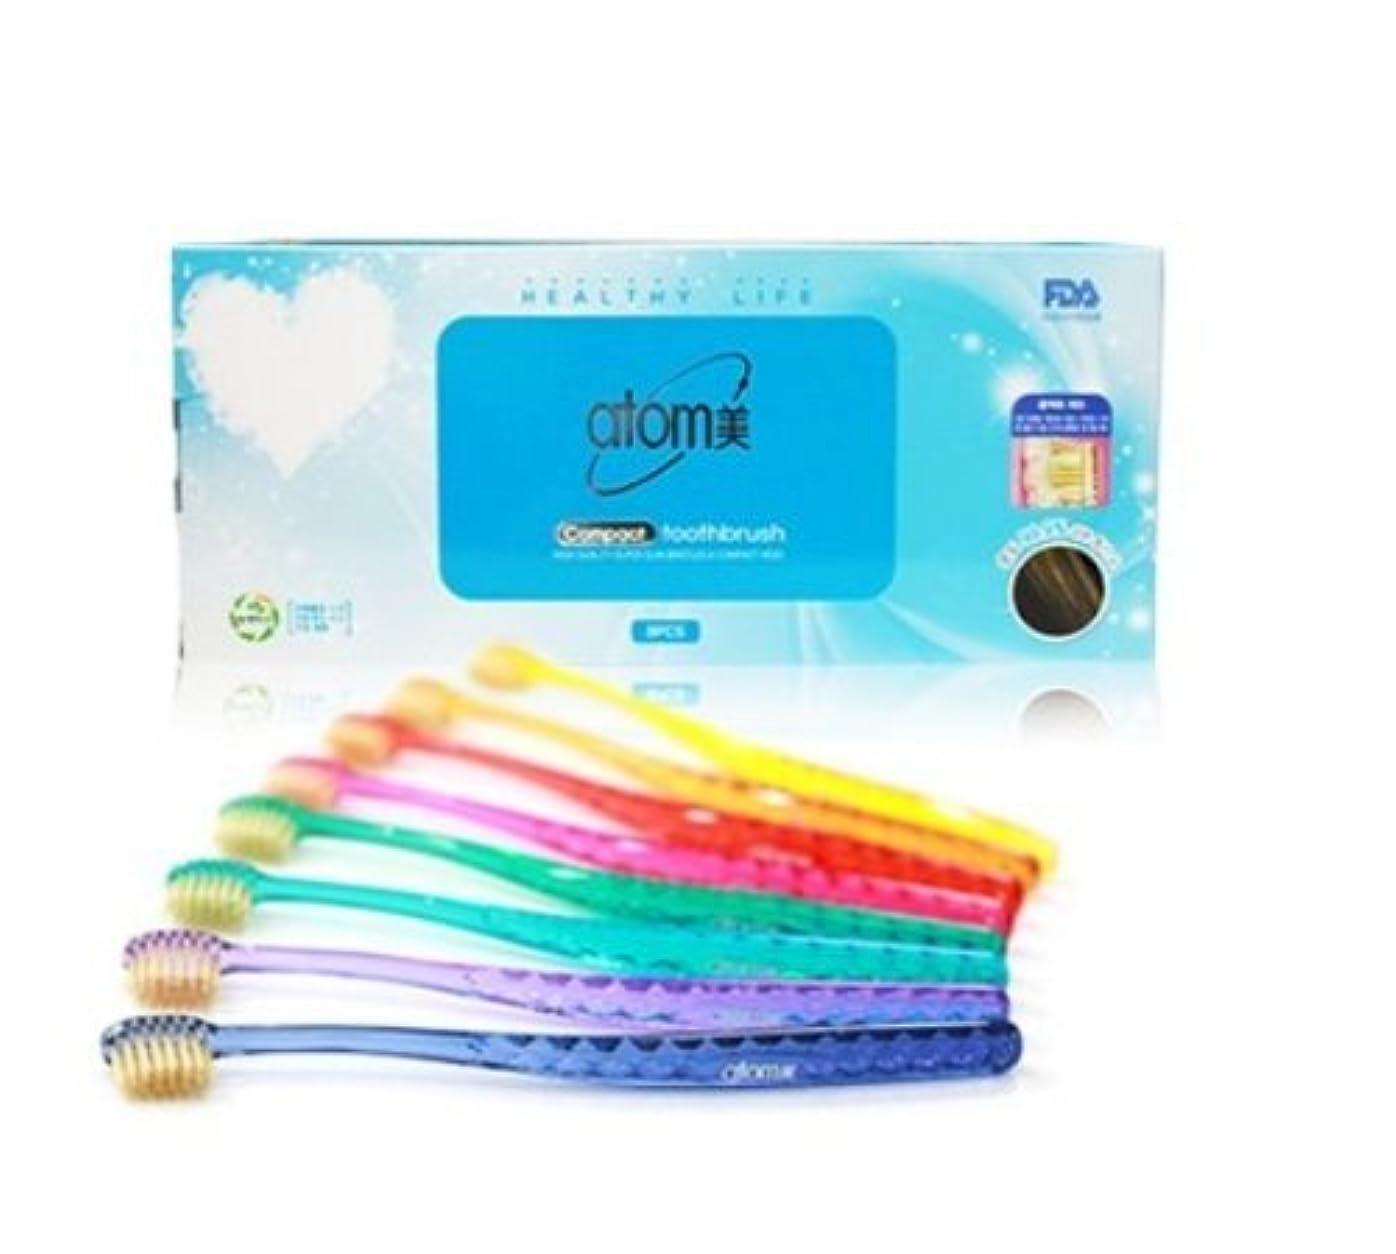 回復する断言する葡萄Atomi Atomy Atom美 アトミ アトミコンパクト歯ブラシ8本セット